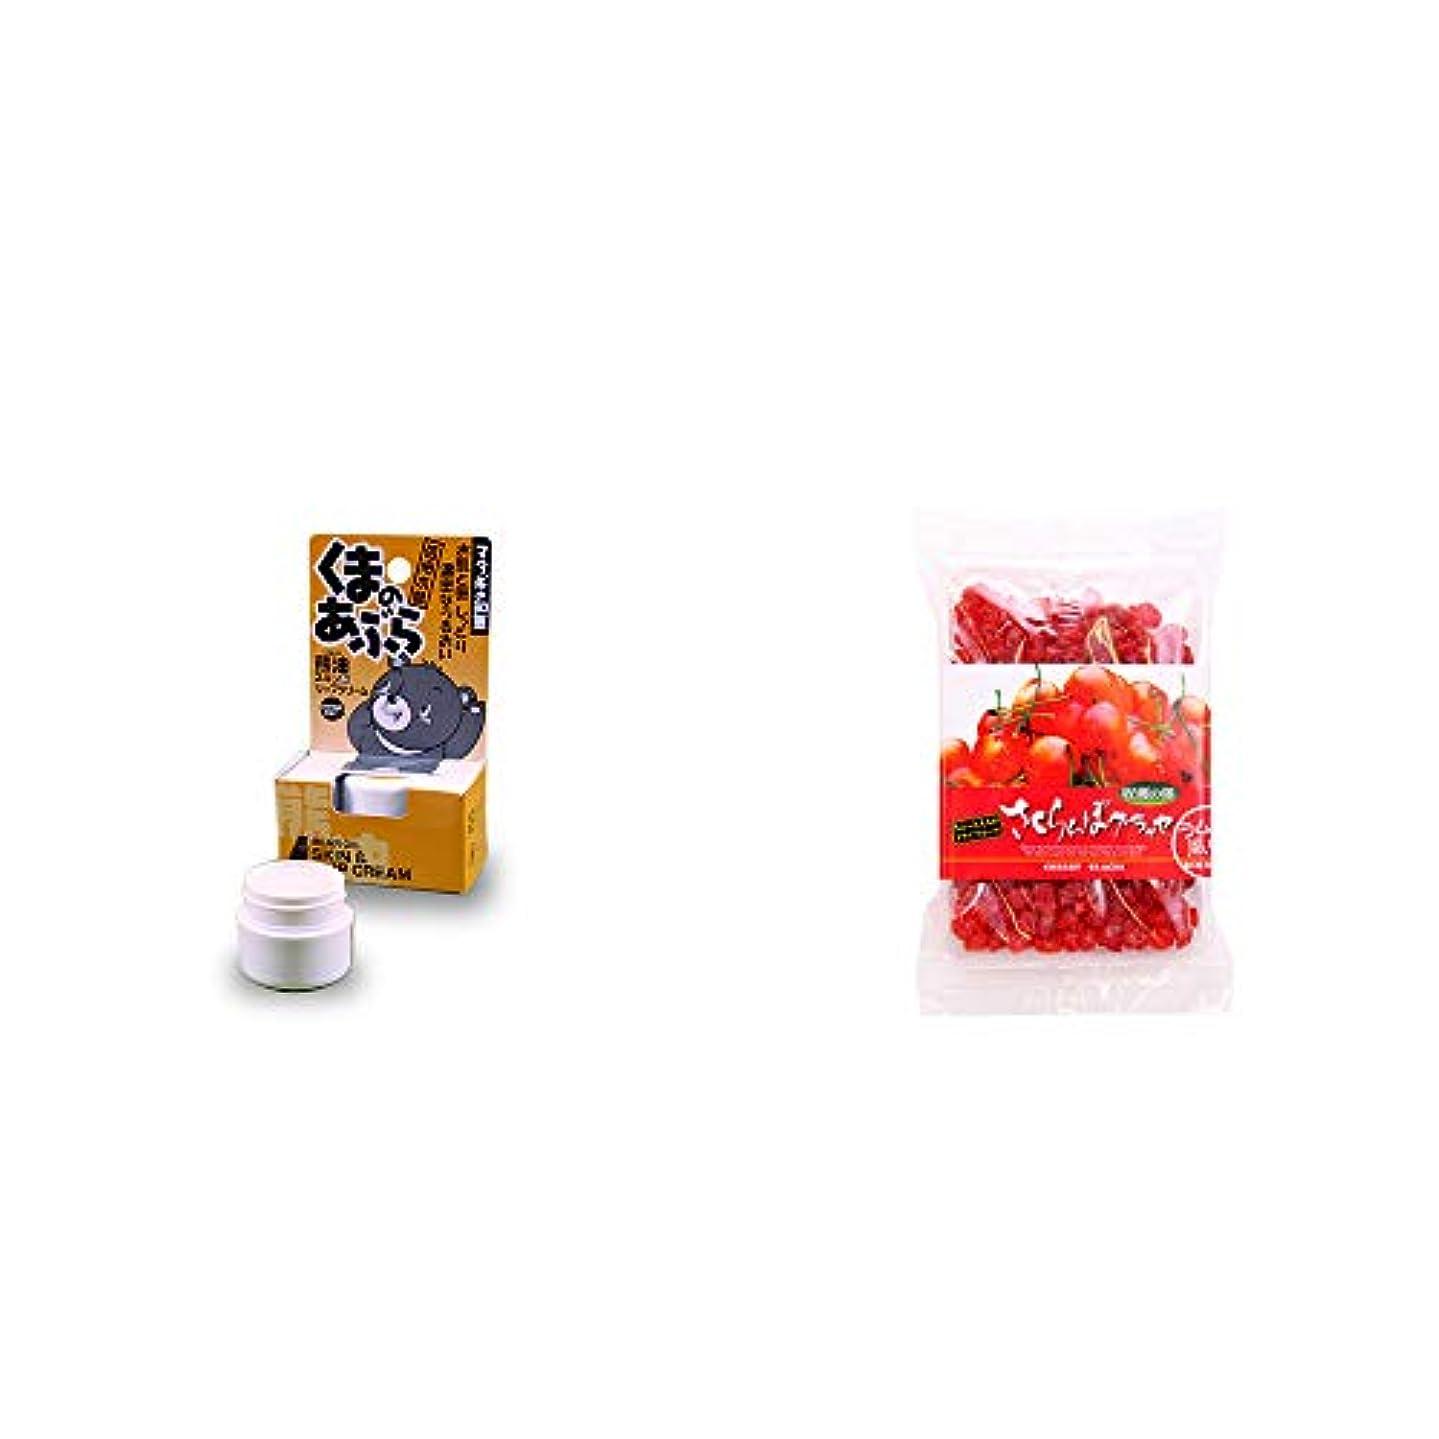 ペンダント細胞説教[2点セット] 信州木曽 くまのあぶら 熊油スキン&リップクリーム(9g)?収穫の朝 さくらんぼグラッセ ラム酒風味(180g)